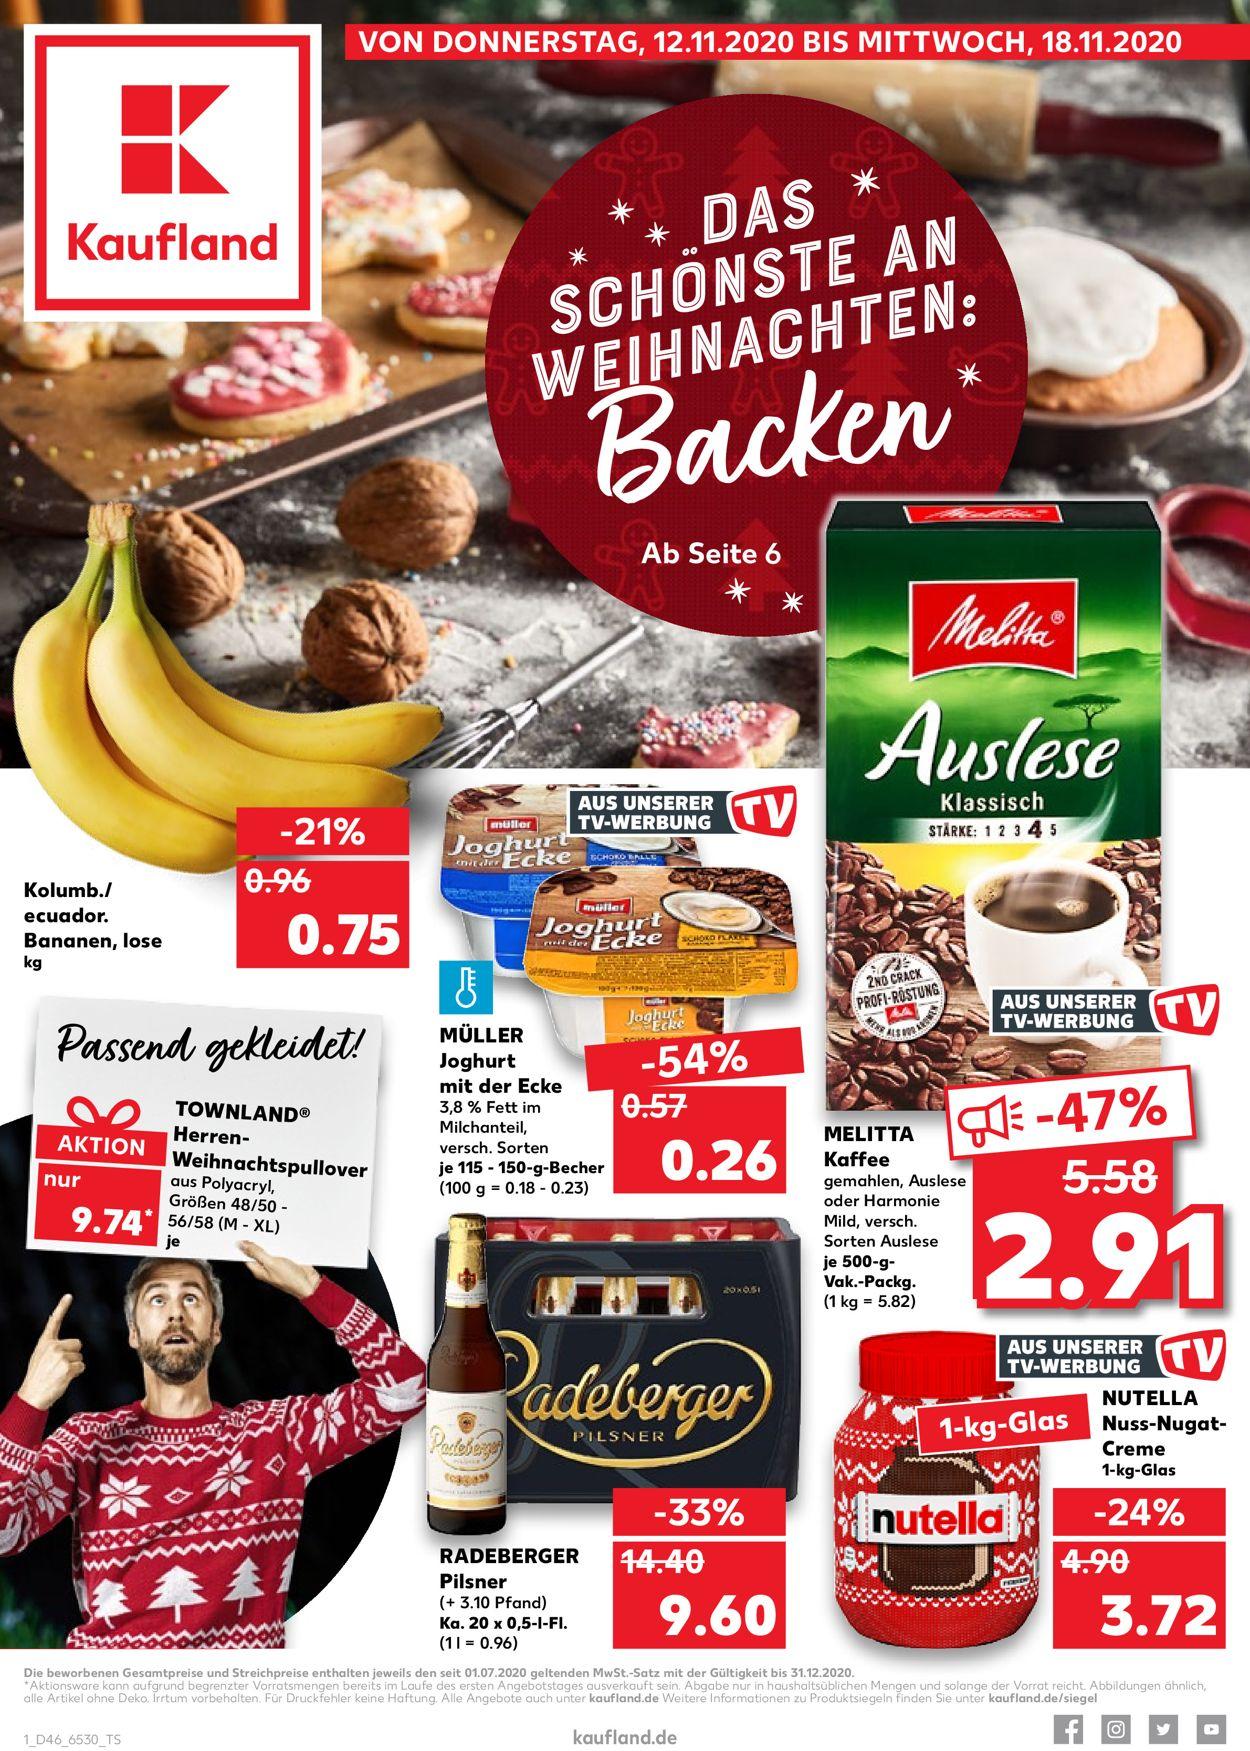 Kaufland Prospekt - Aktuell vom 12.11-18.11.2020